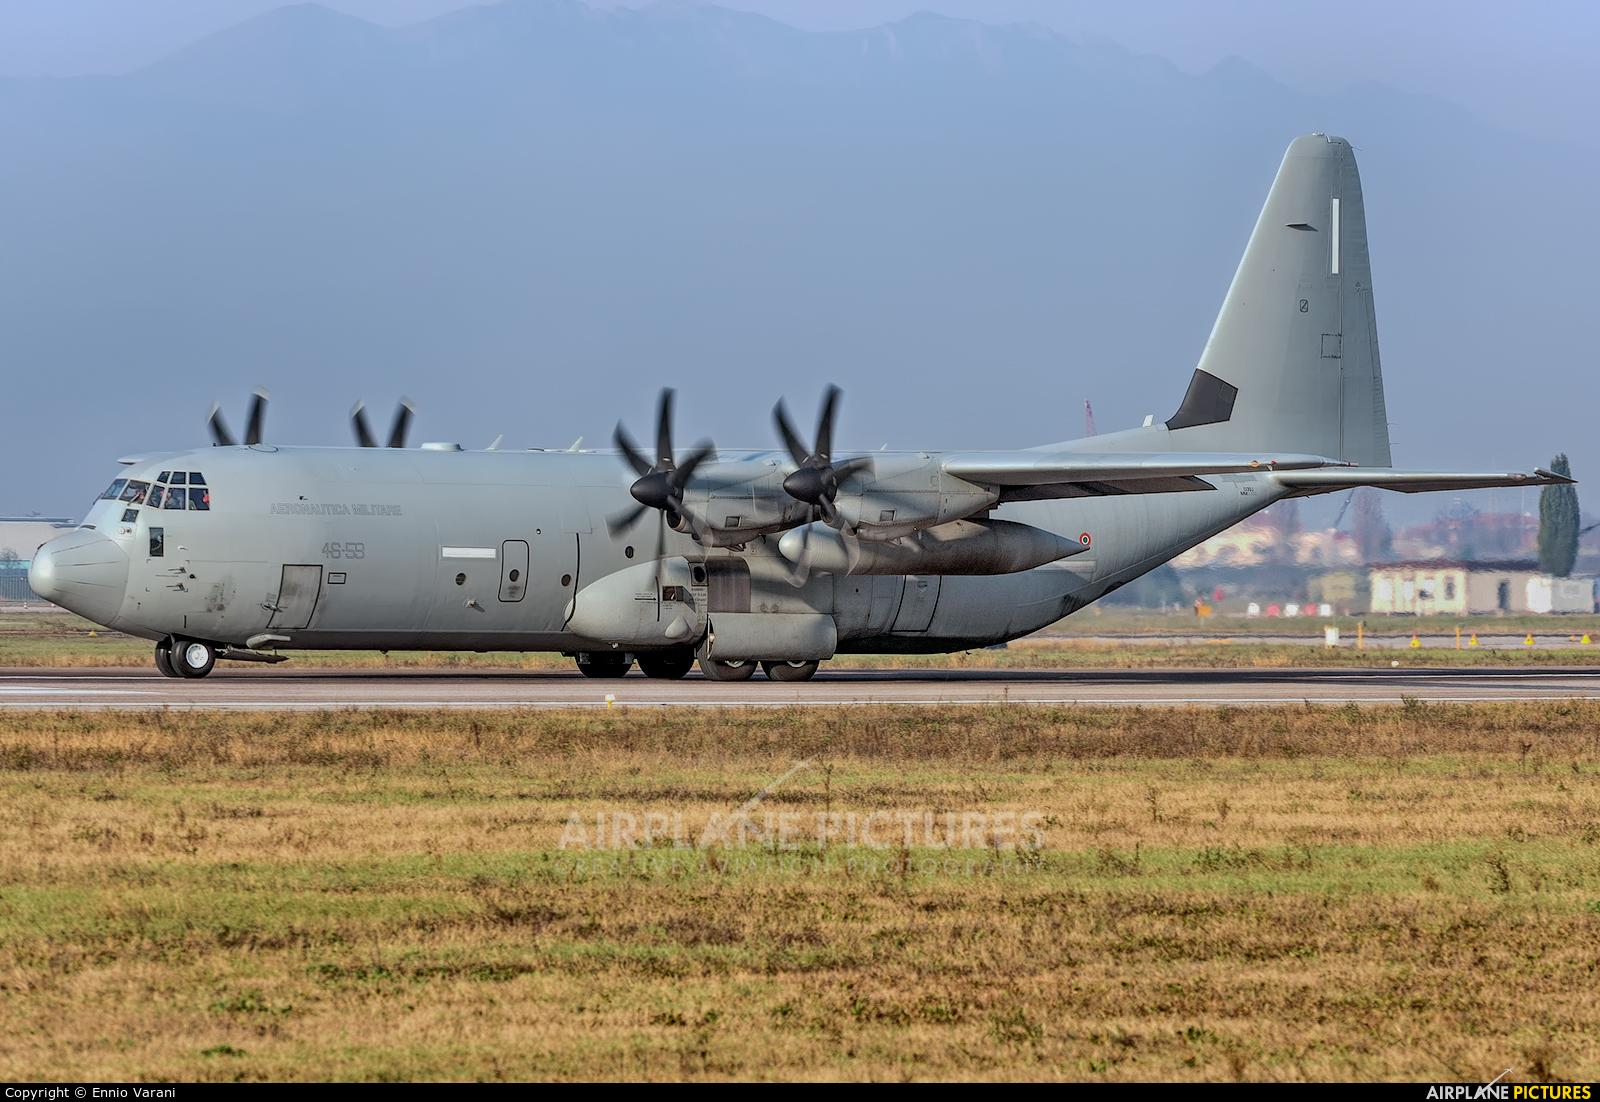 Italy - Air Force MM62193 aircraft at Verona - Villafranca